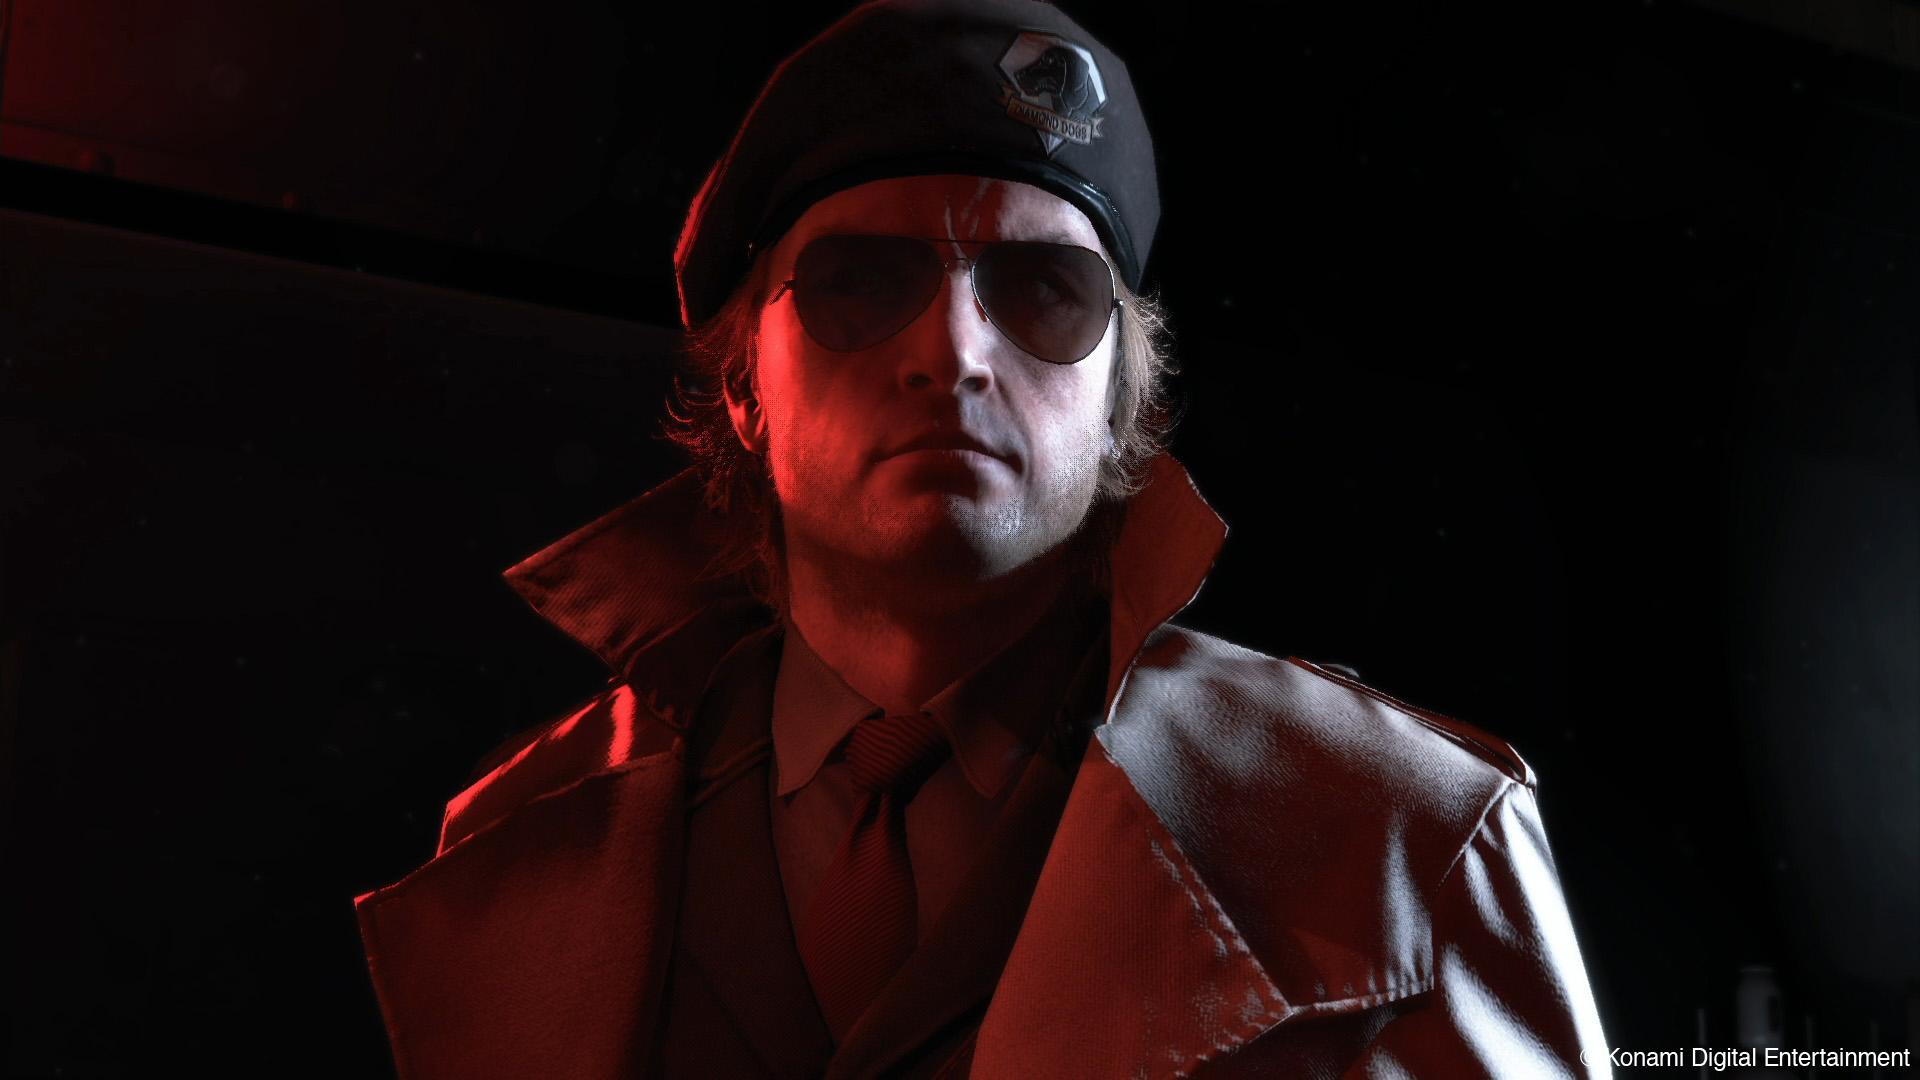 Metal Gear Solid V wallpaper 9